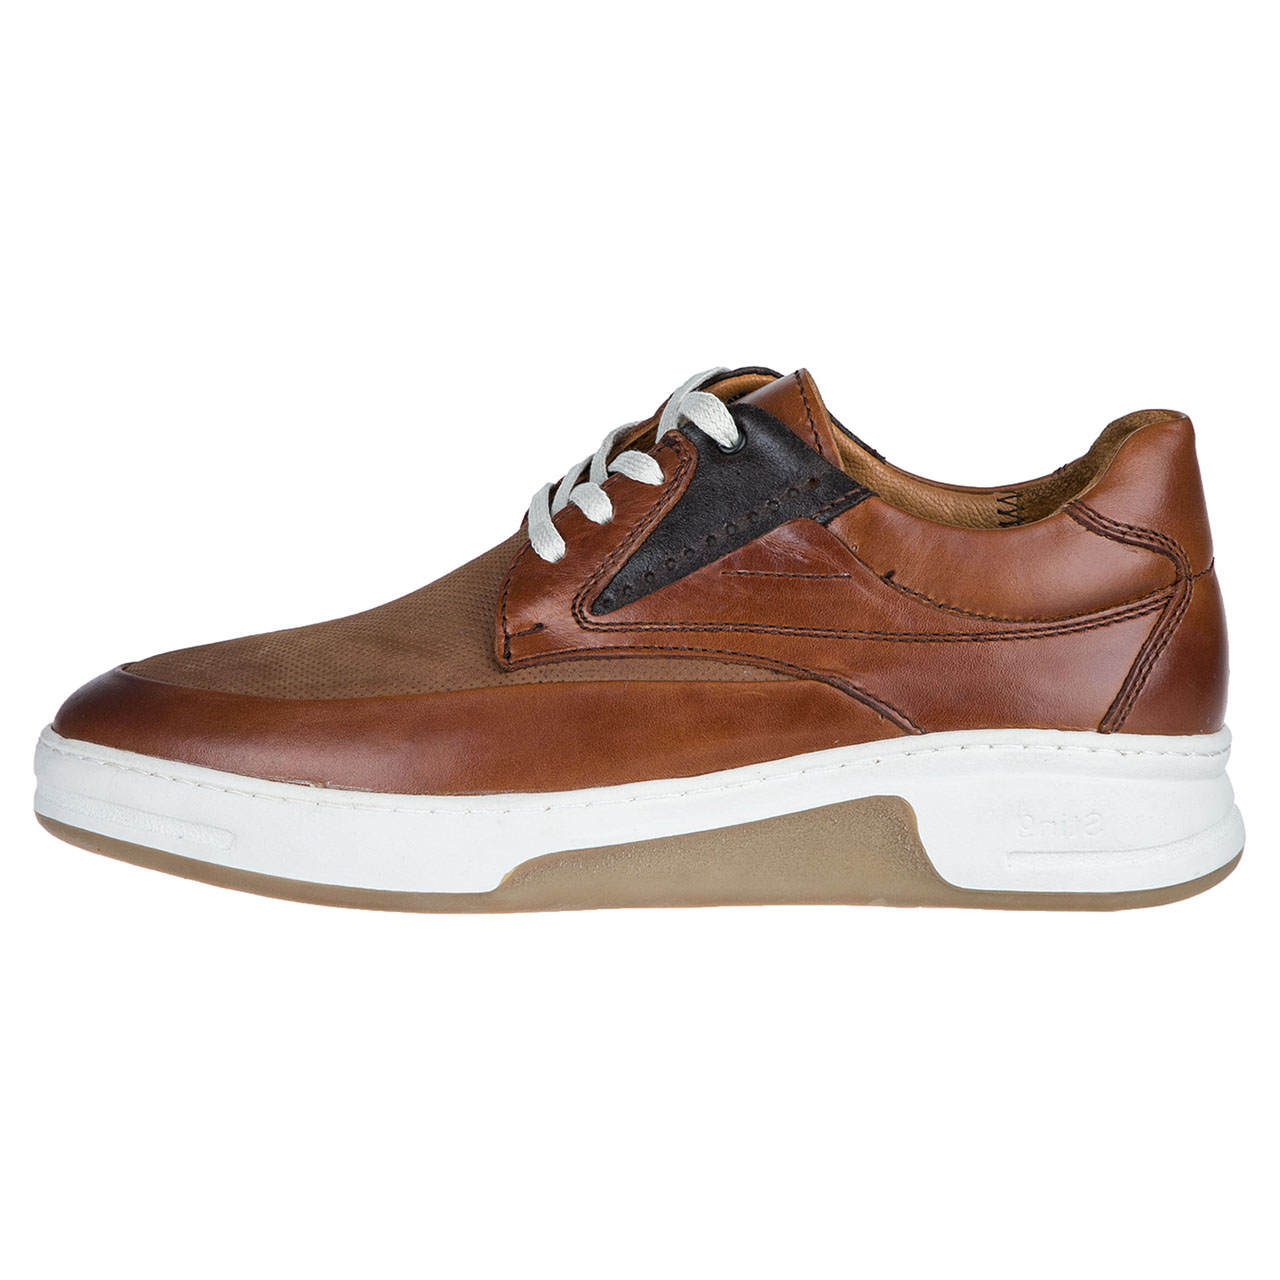 کفش چرم مردانه استینگ مدل 03 عسلی